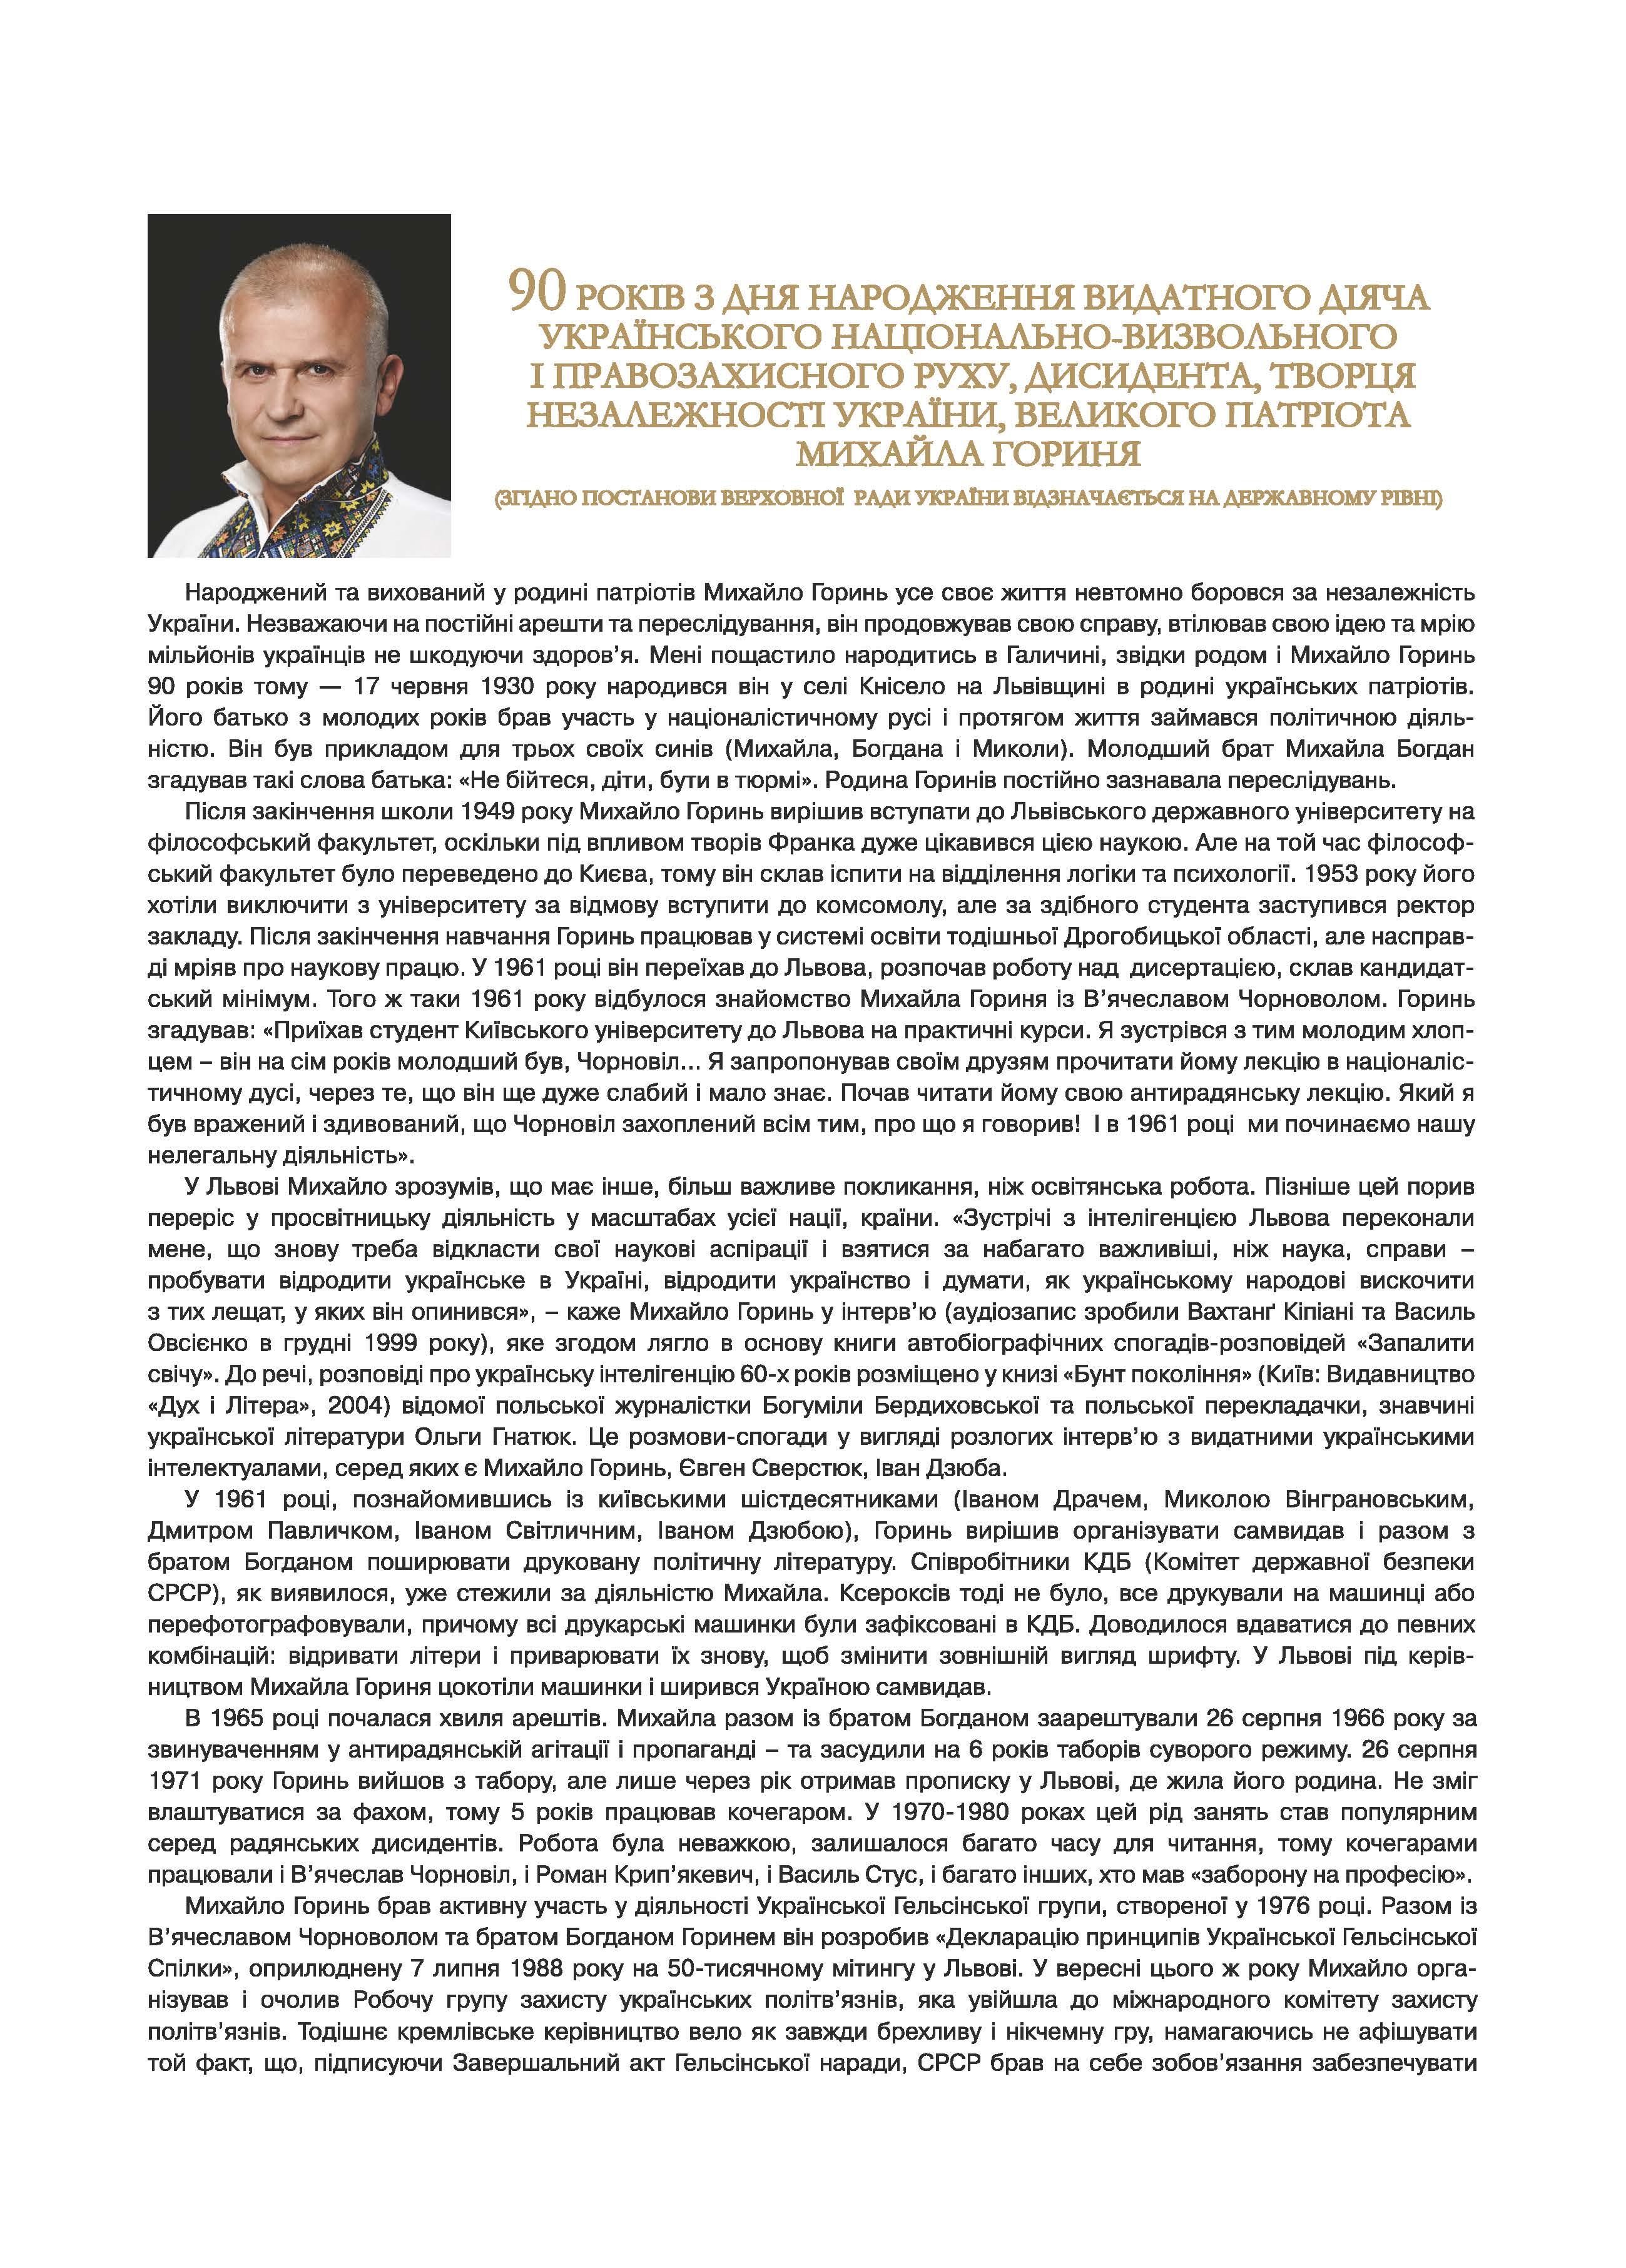 90 років з дня народження видатного діяча українського національно-визвольного  і правозахисного руху, дисидента, творця незалежності України, великого патріота Михайла Гориня